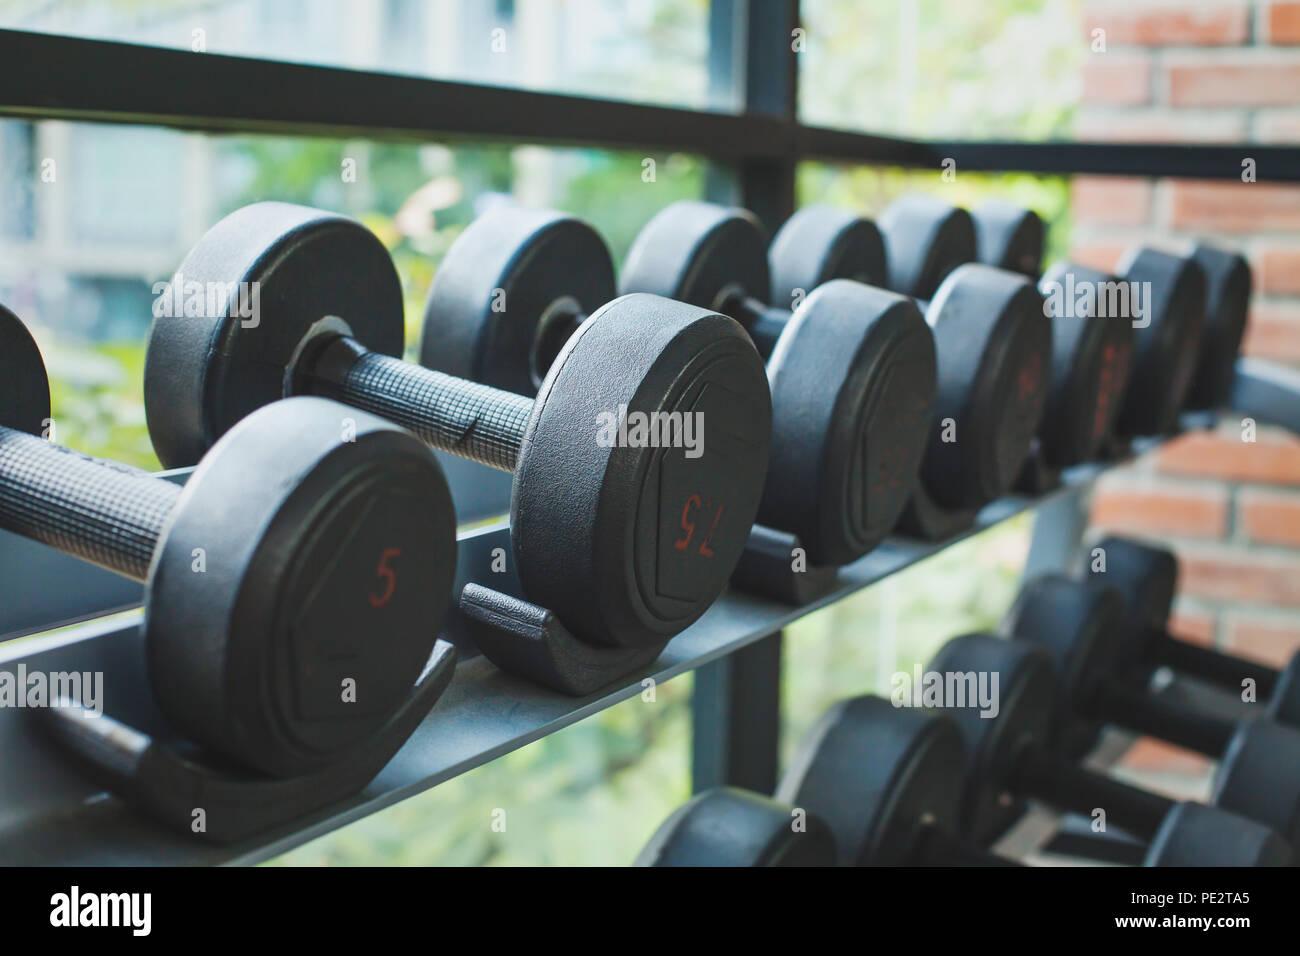 Las pesas en el gimnasio Imagen De Stock